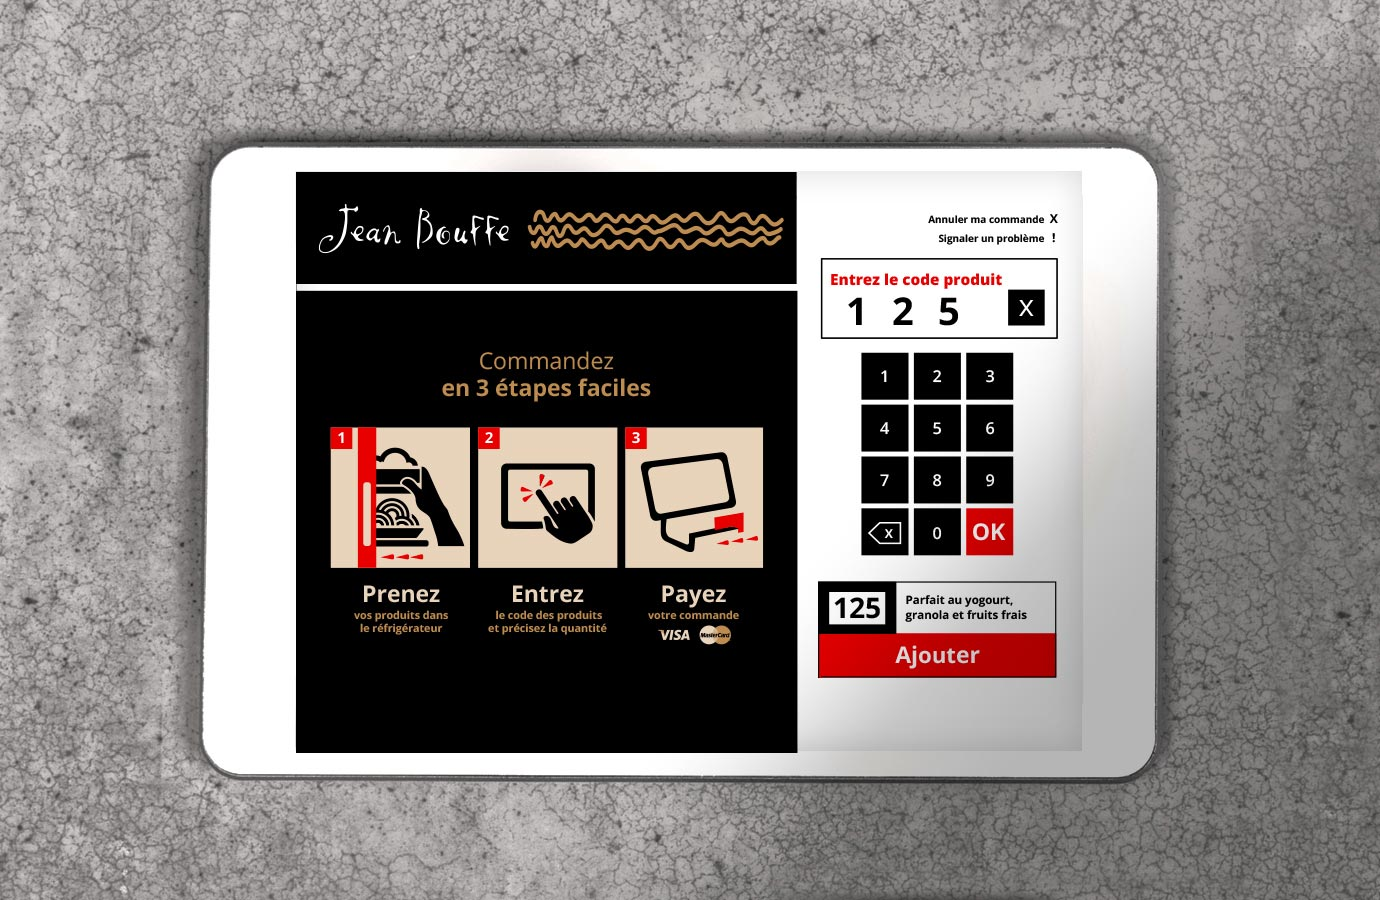 Interface de commandes de produits en entreprises, Jean Bouffe